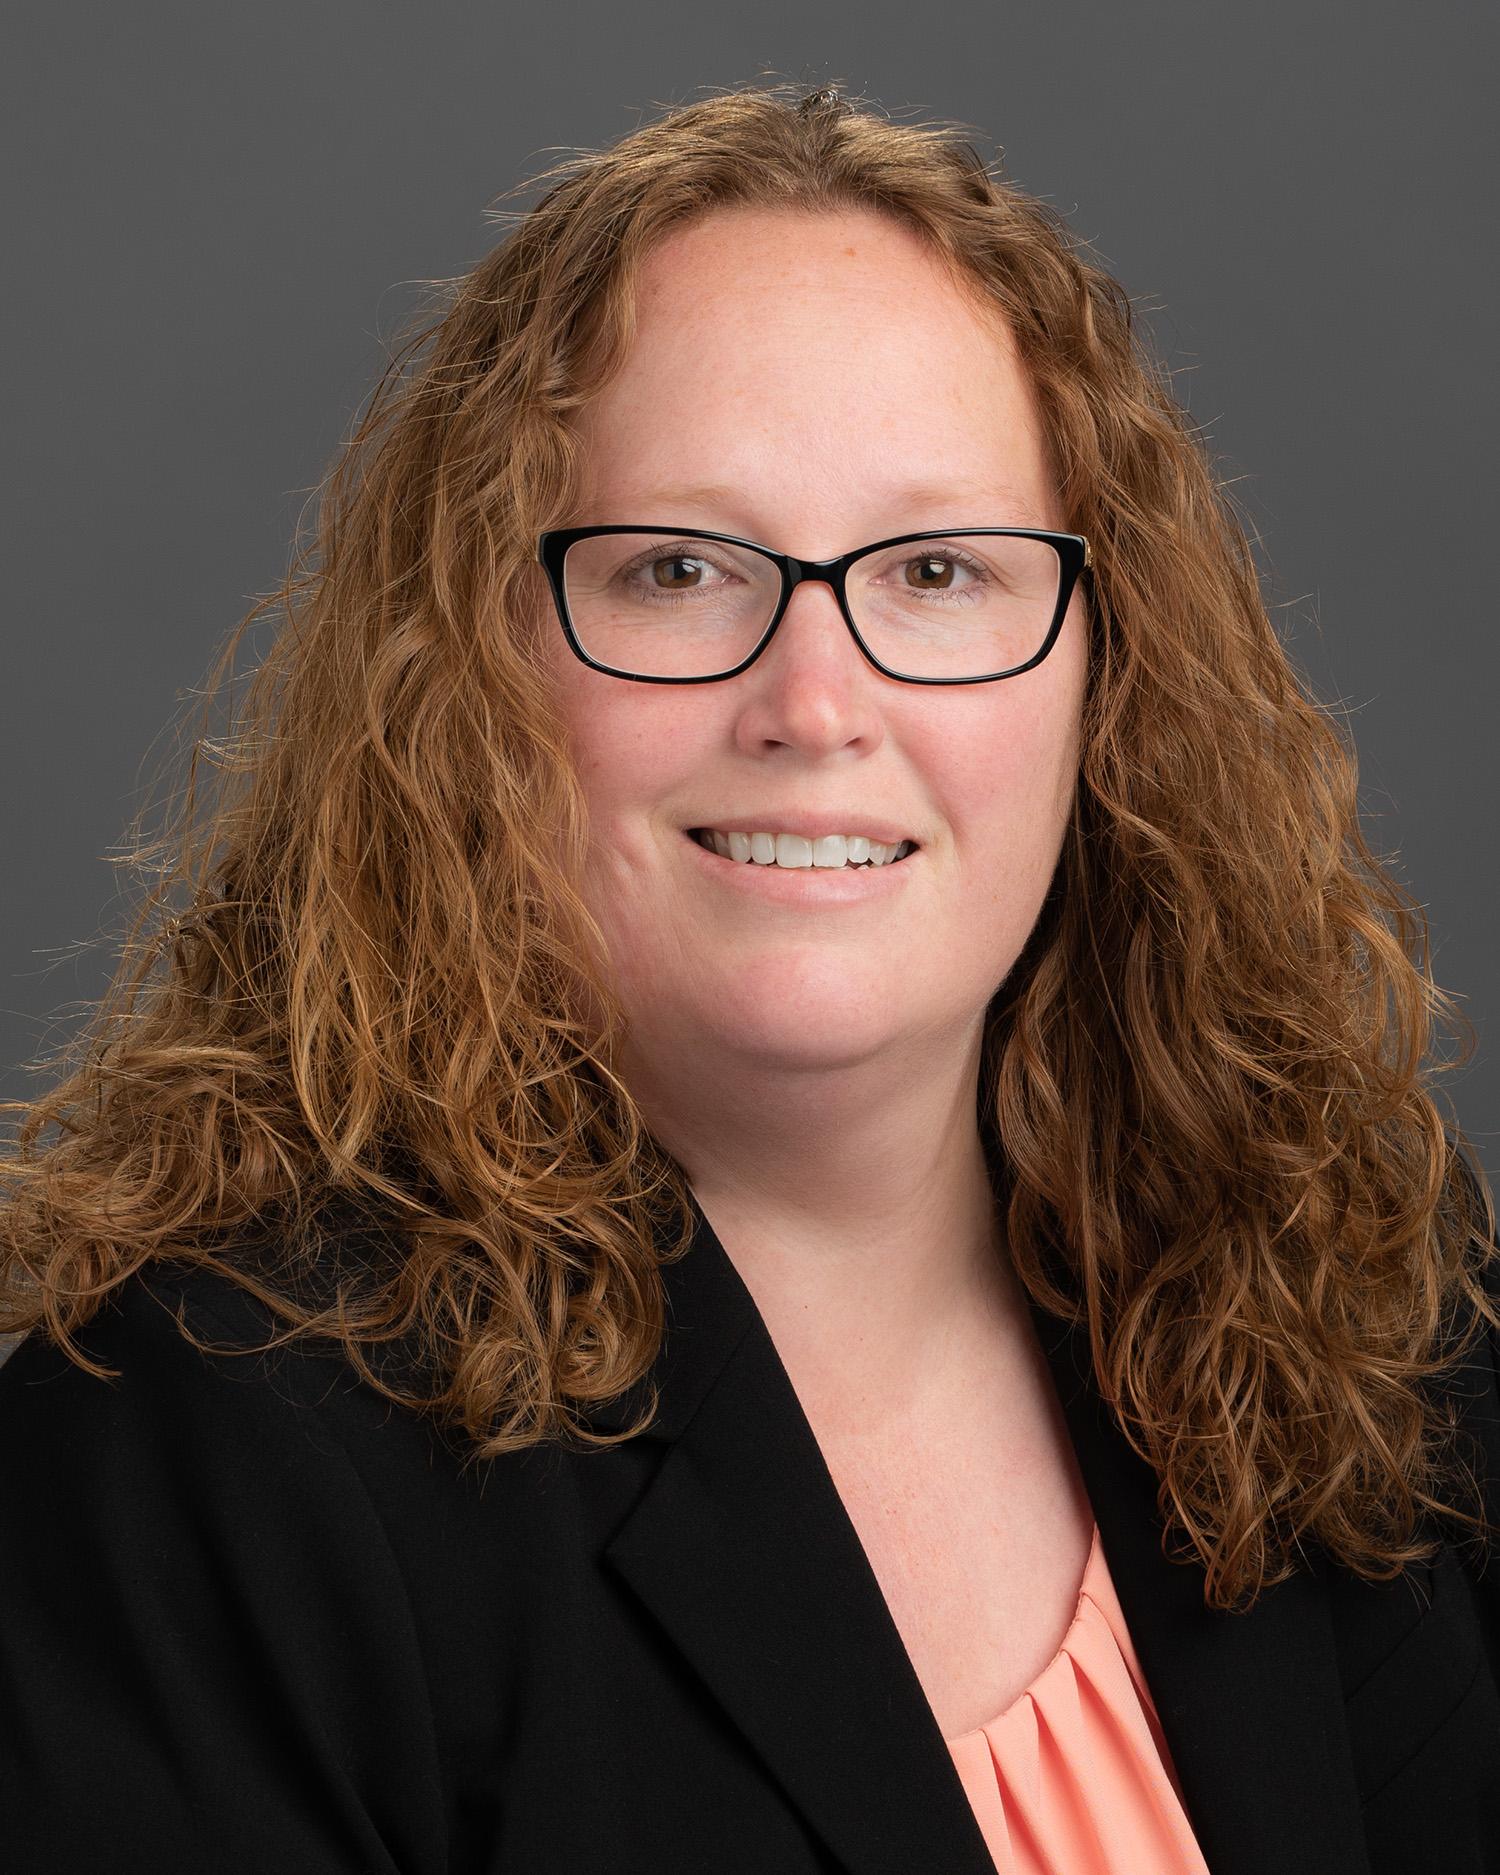 Dr. Deborah Little